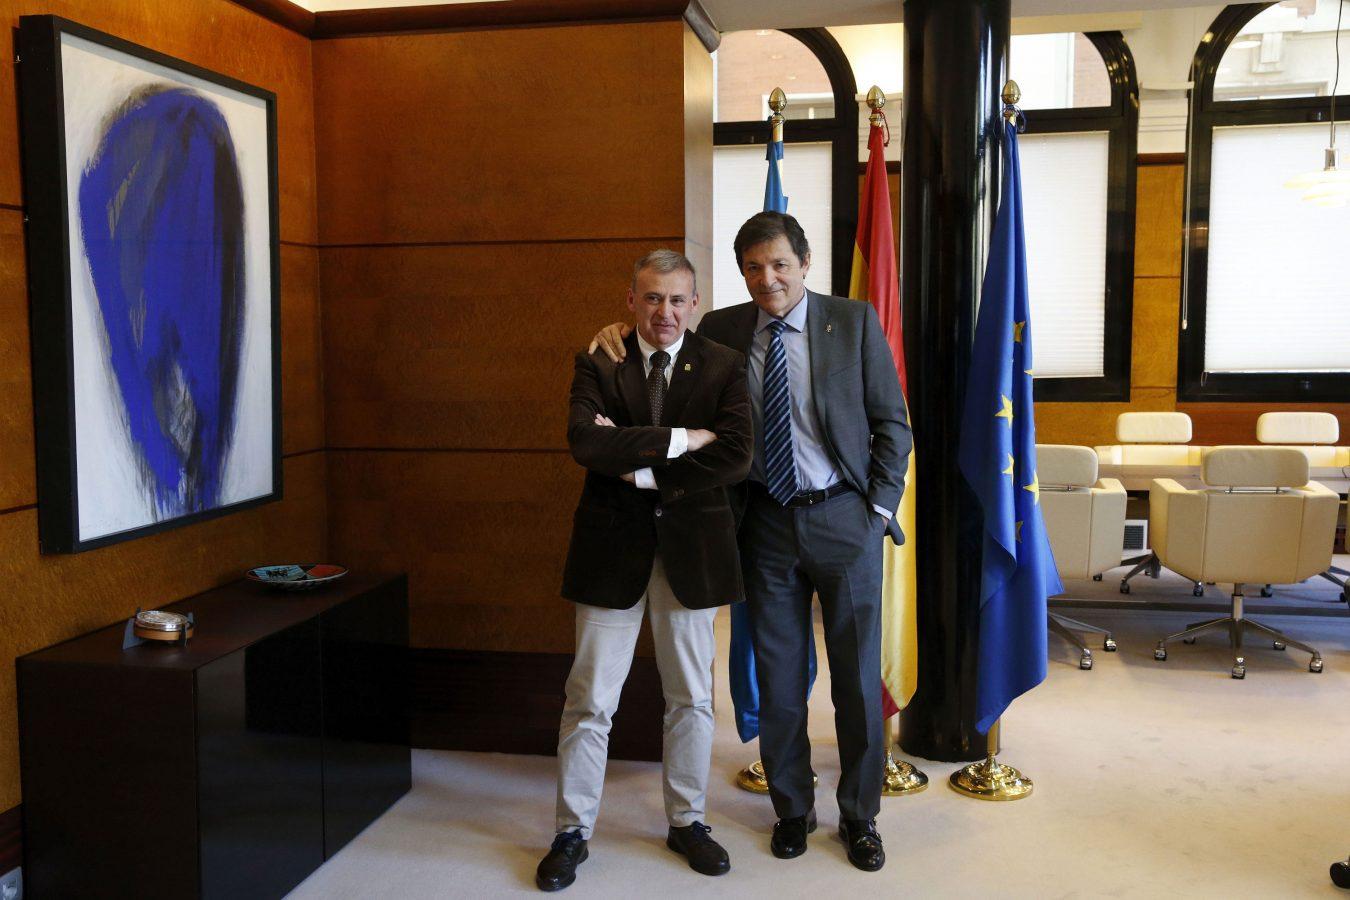 El alcalde de Parres se entrevista con el Presidente del Principado de Asturias